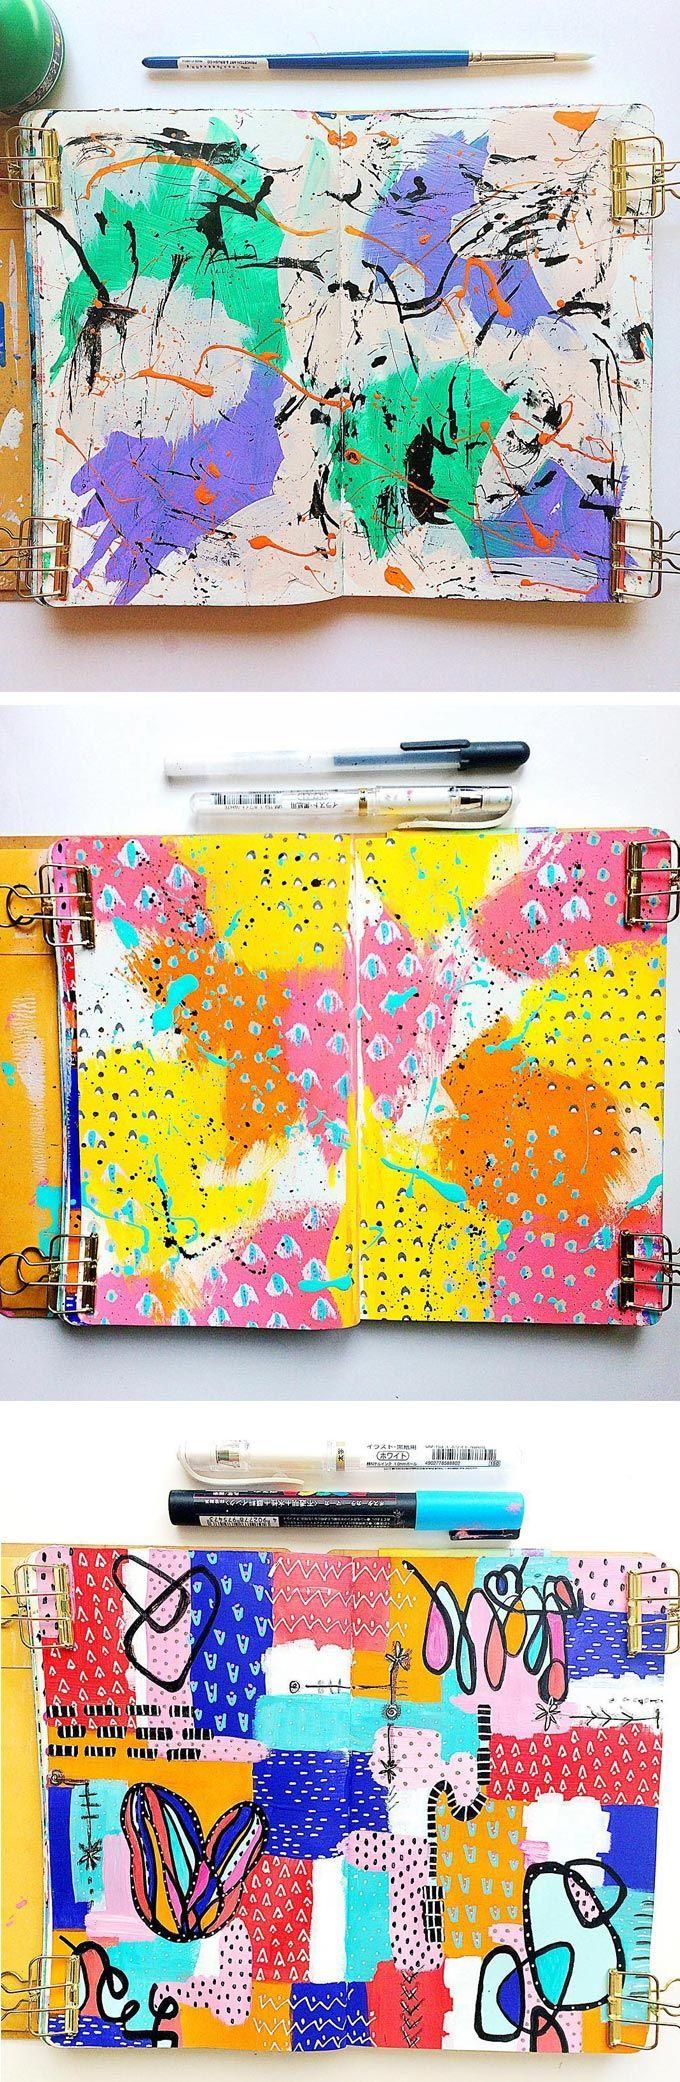 Samantha Russo sketchbook